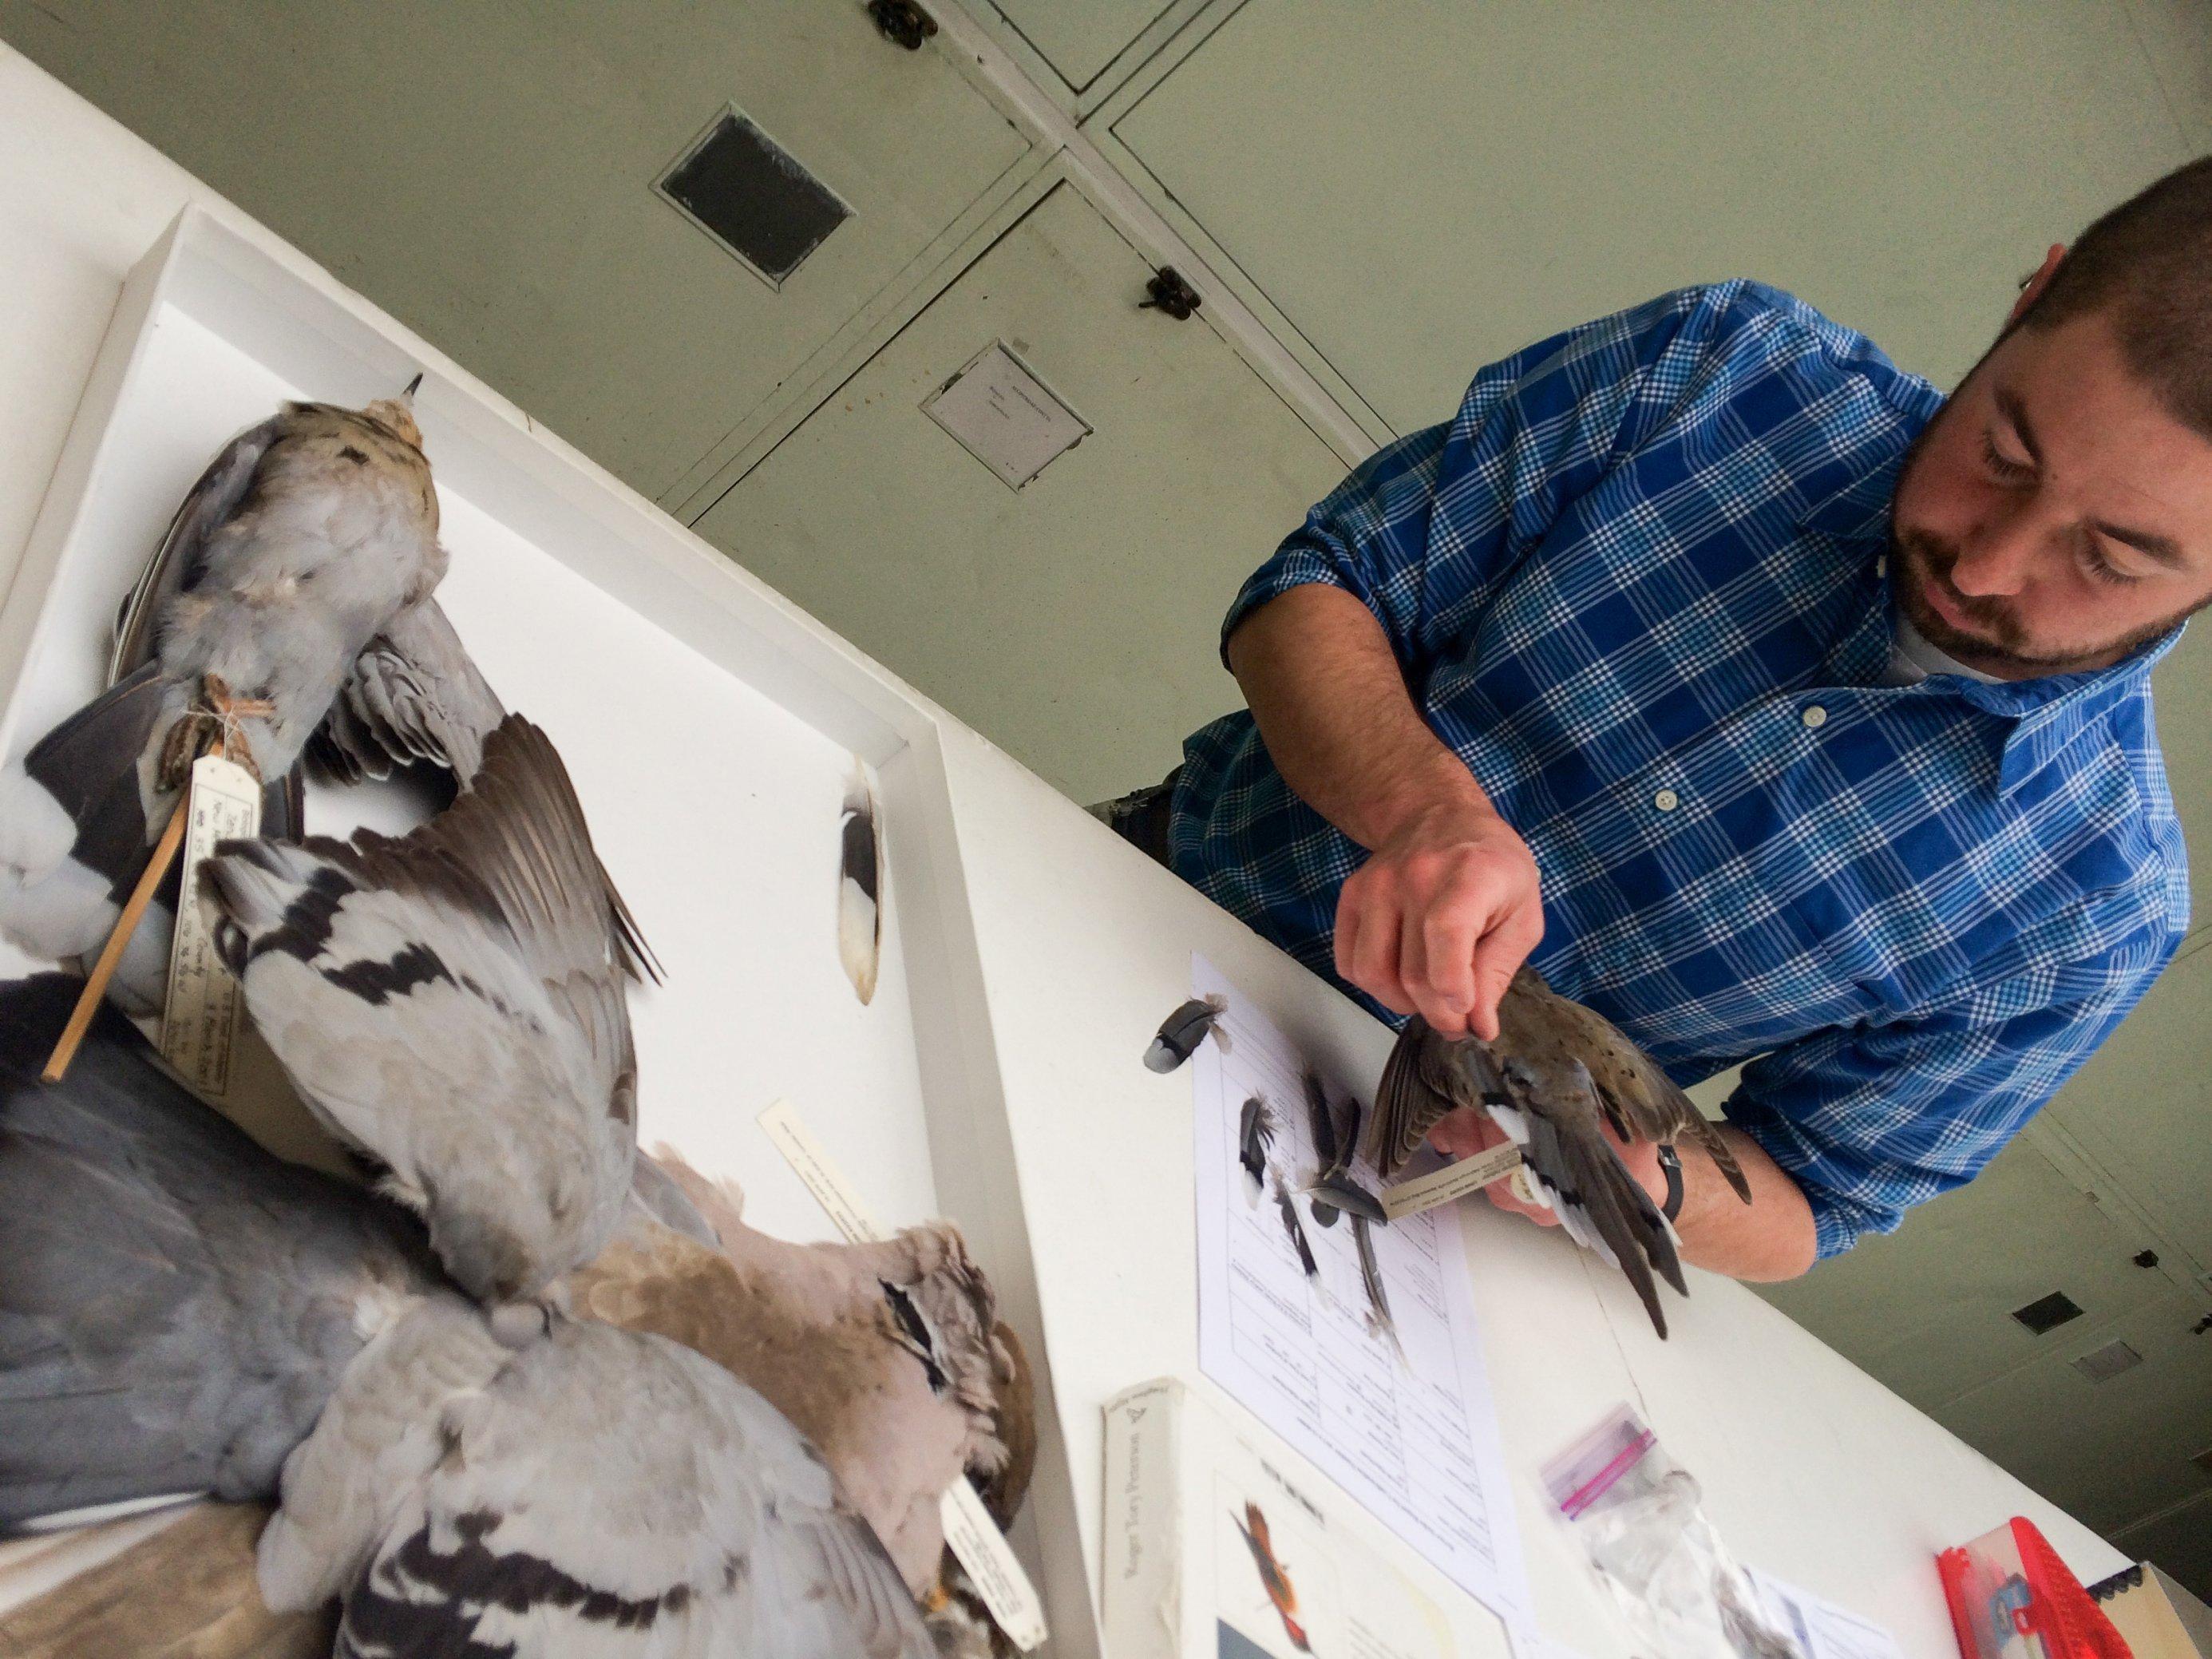 Jim Whatton, kurze braune Haare und Vollbart, blaues Hemd mit weißen Karos, steht vor einem weißen Tisch, auf dem eine Lade mit sechs Vogelbälgen liegt. Sie enthält Tauben. Er hält eine Trauertaube in der Hand und vergleicht ihre Federn mit einer Schwanzfeder, um sie zu bestimmen.